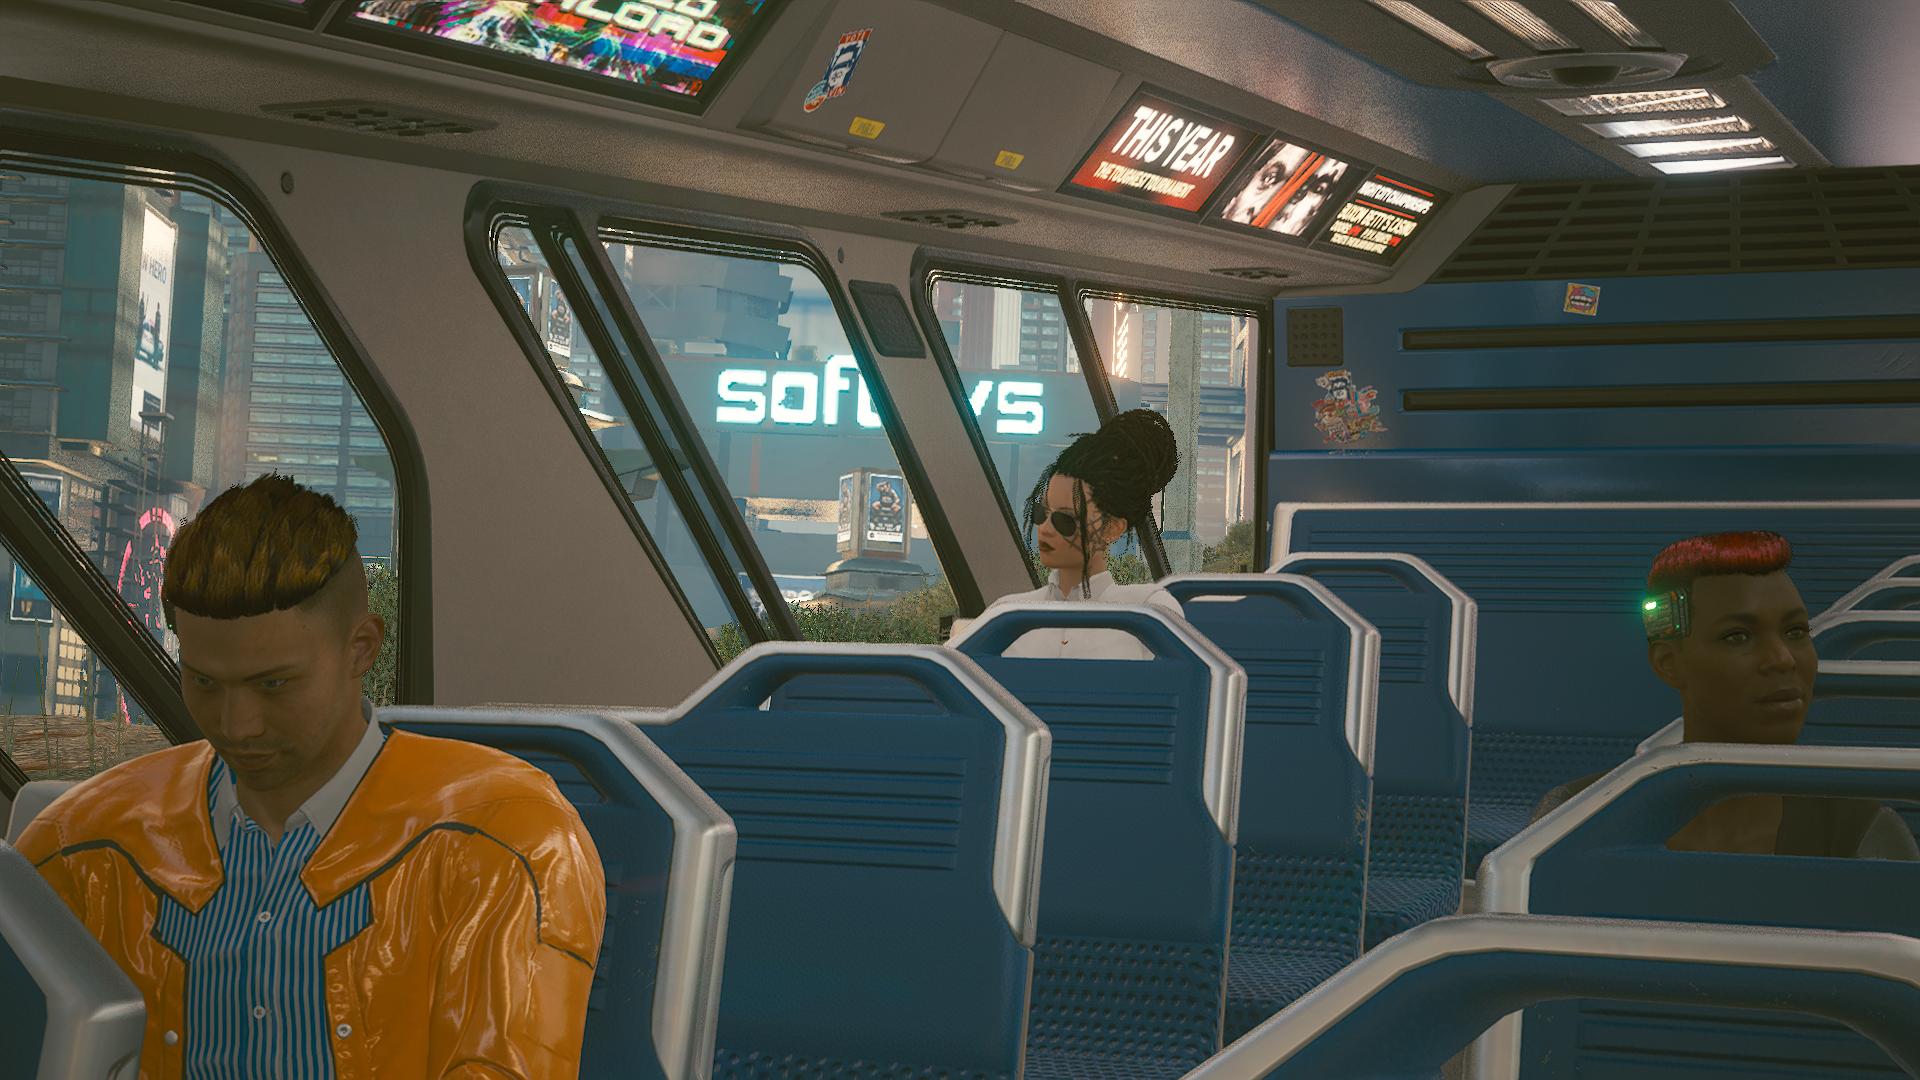 Джонни в теле Ви автобусе.